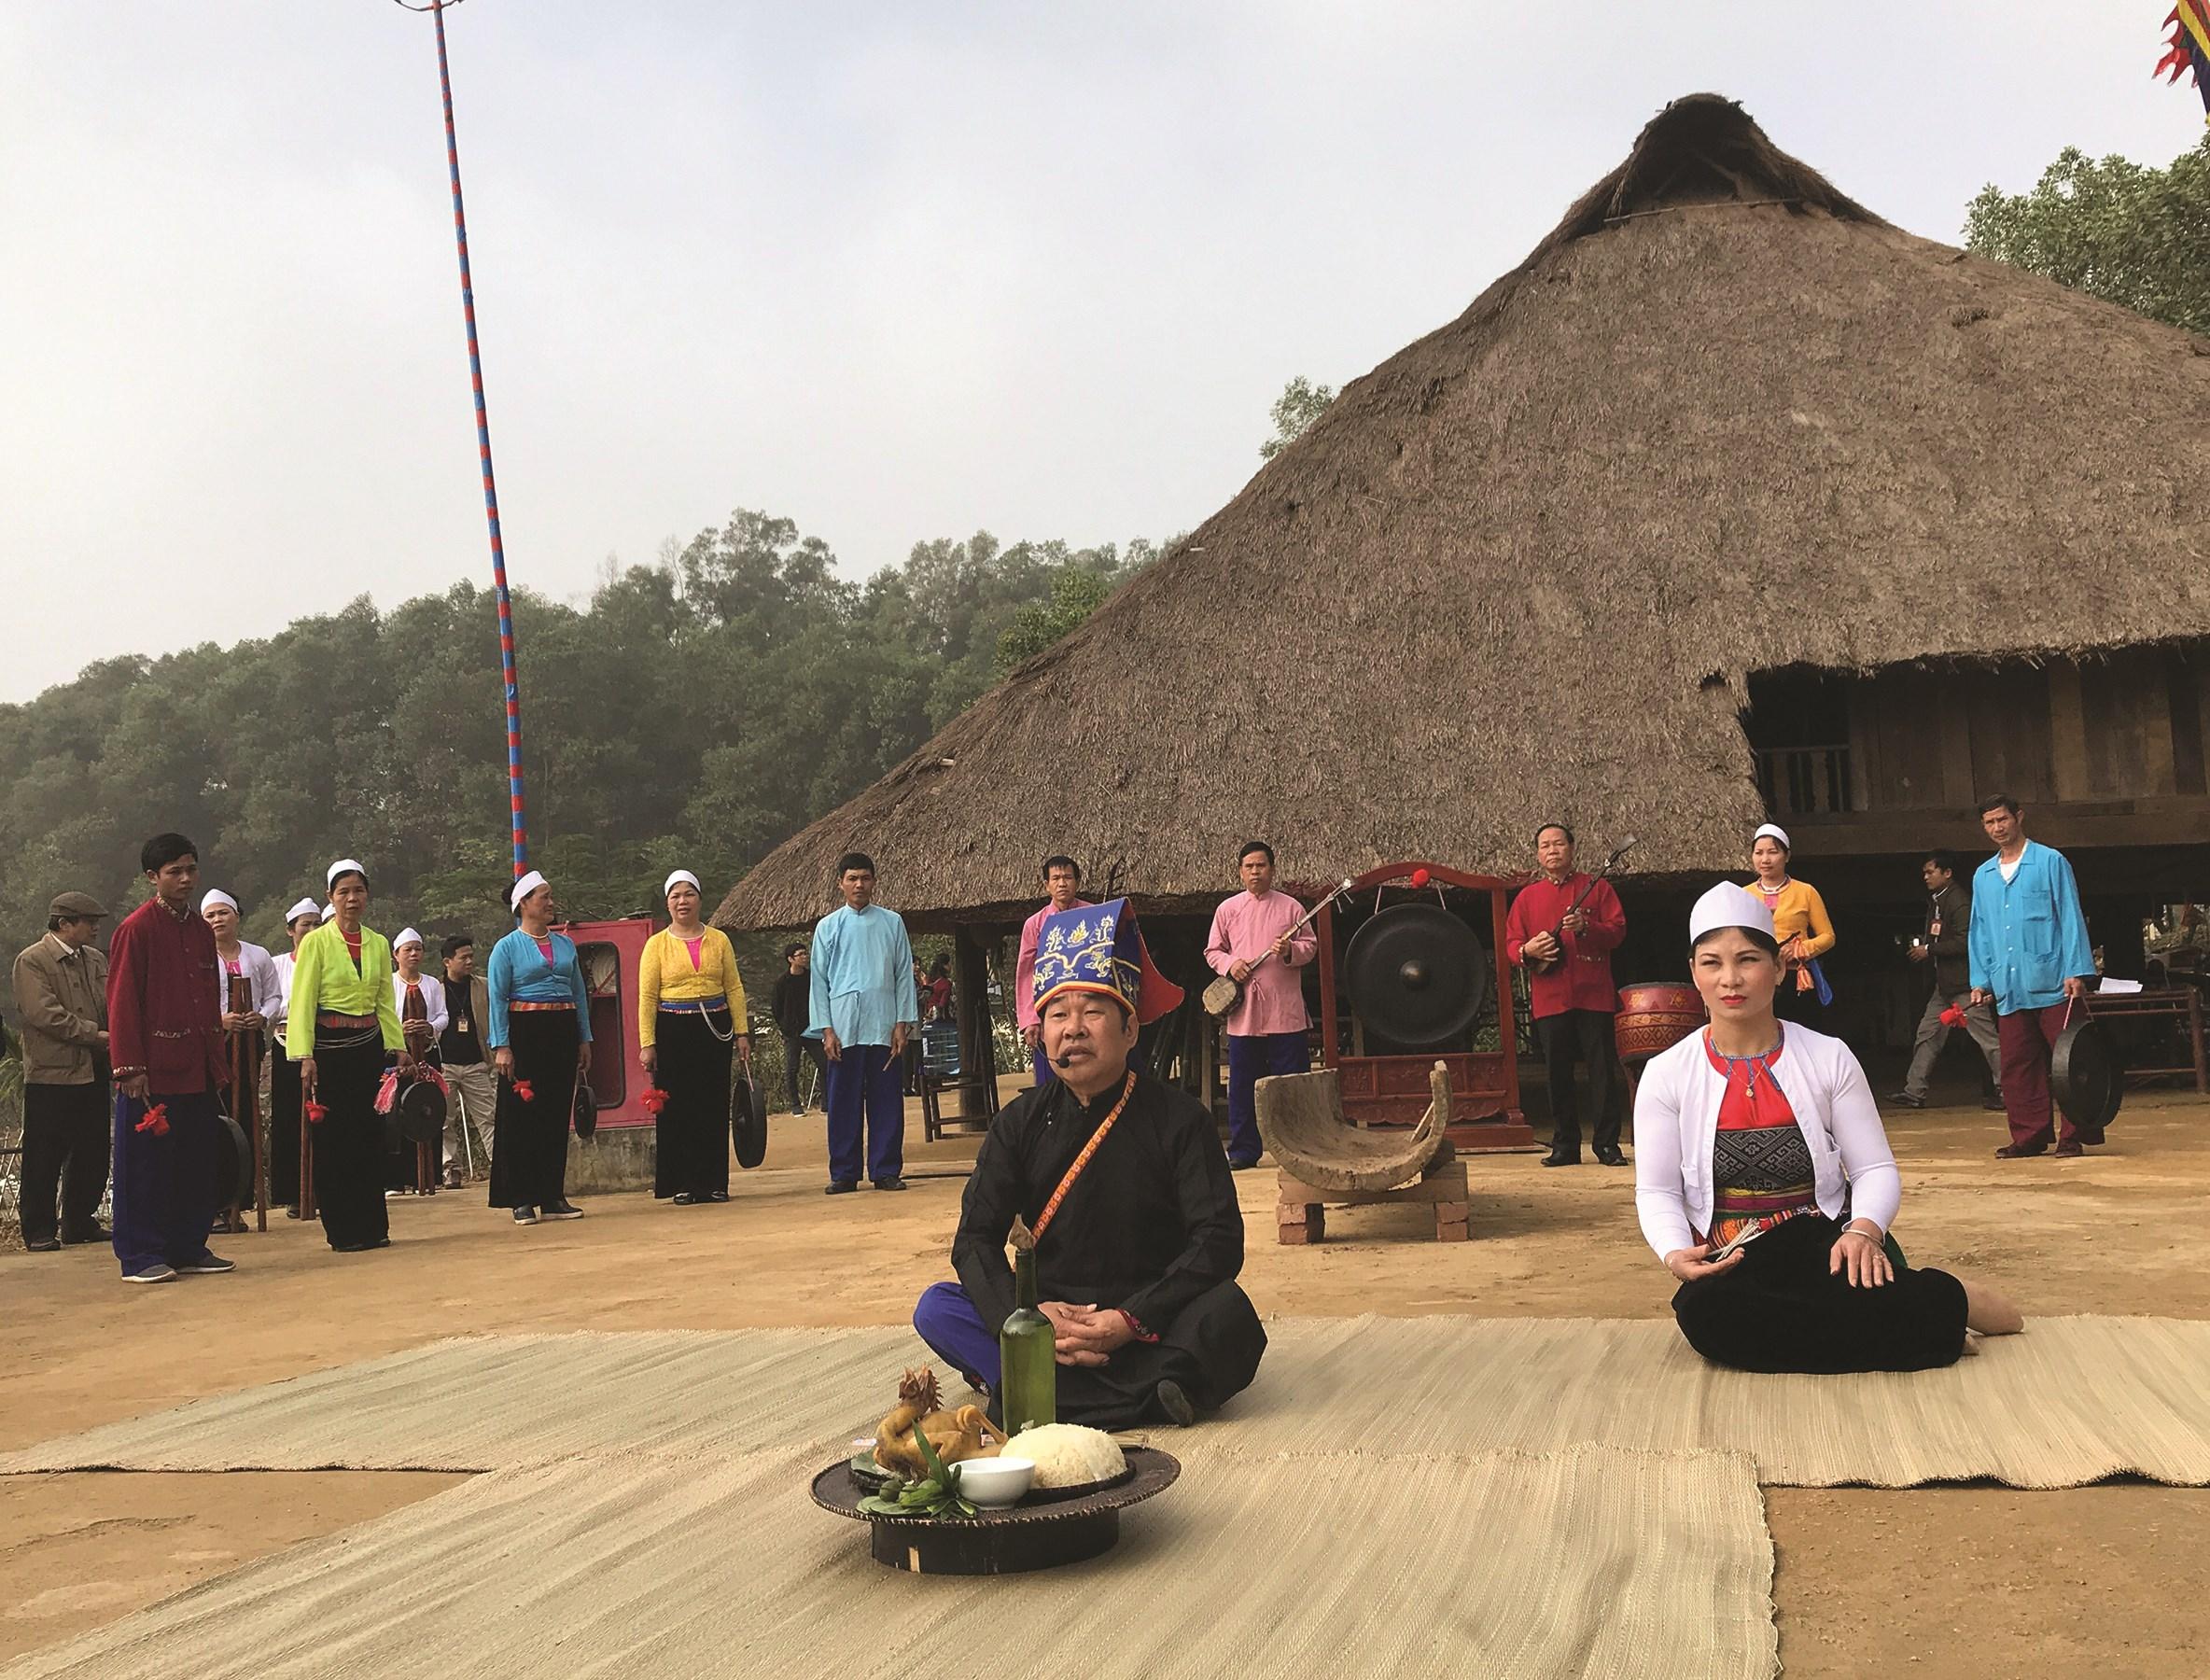 Mo Mường chân chính là nét văn hóa truyền thống tốt đẹp của dân tộc, không phải là mê tín dị đoan (ảnh Hồng Minh)